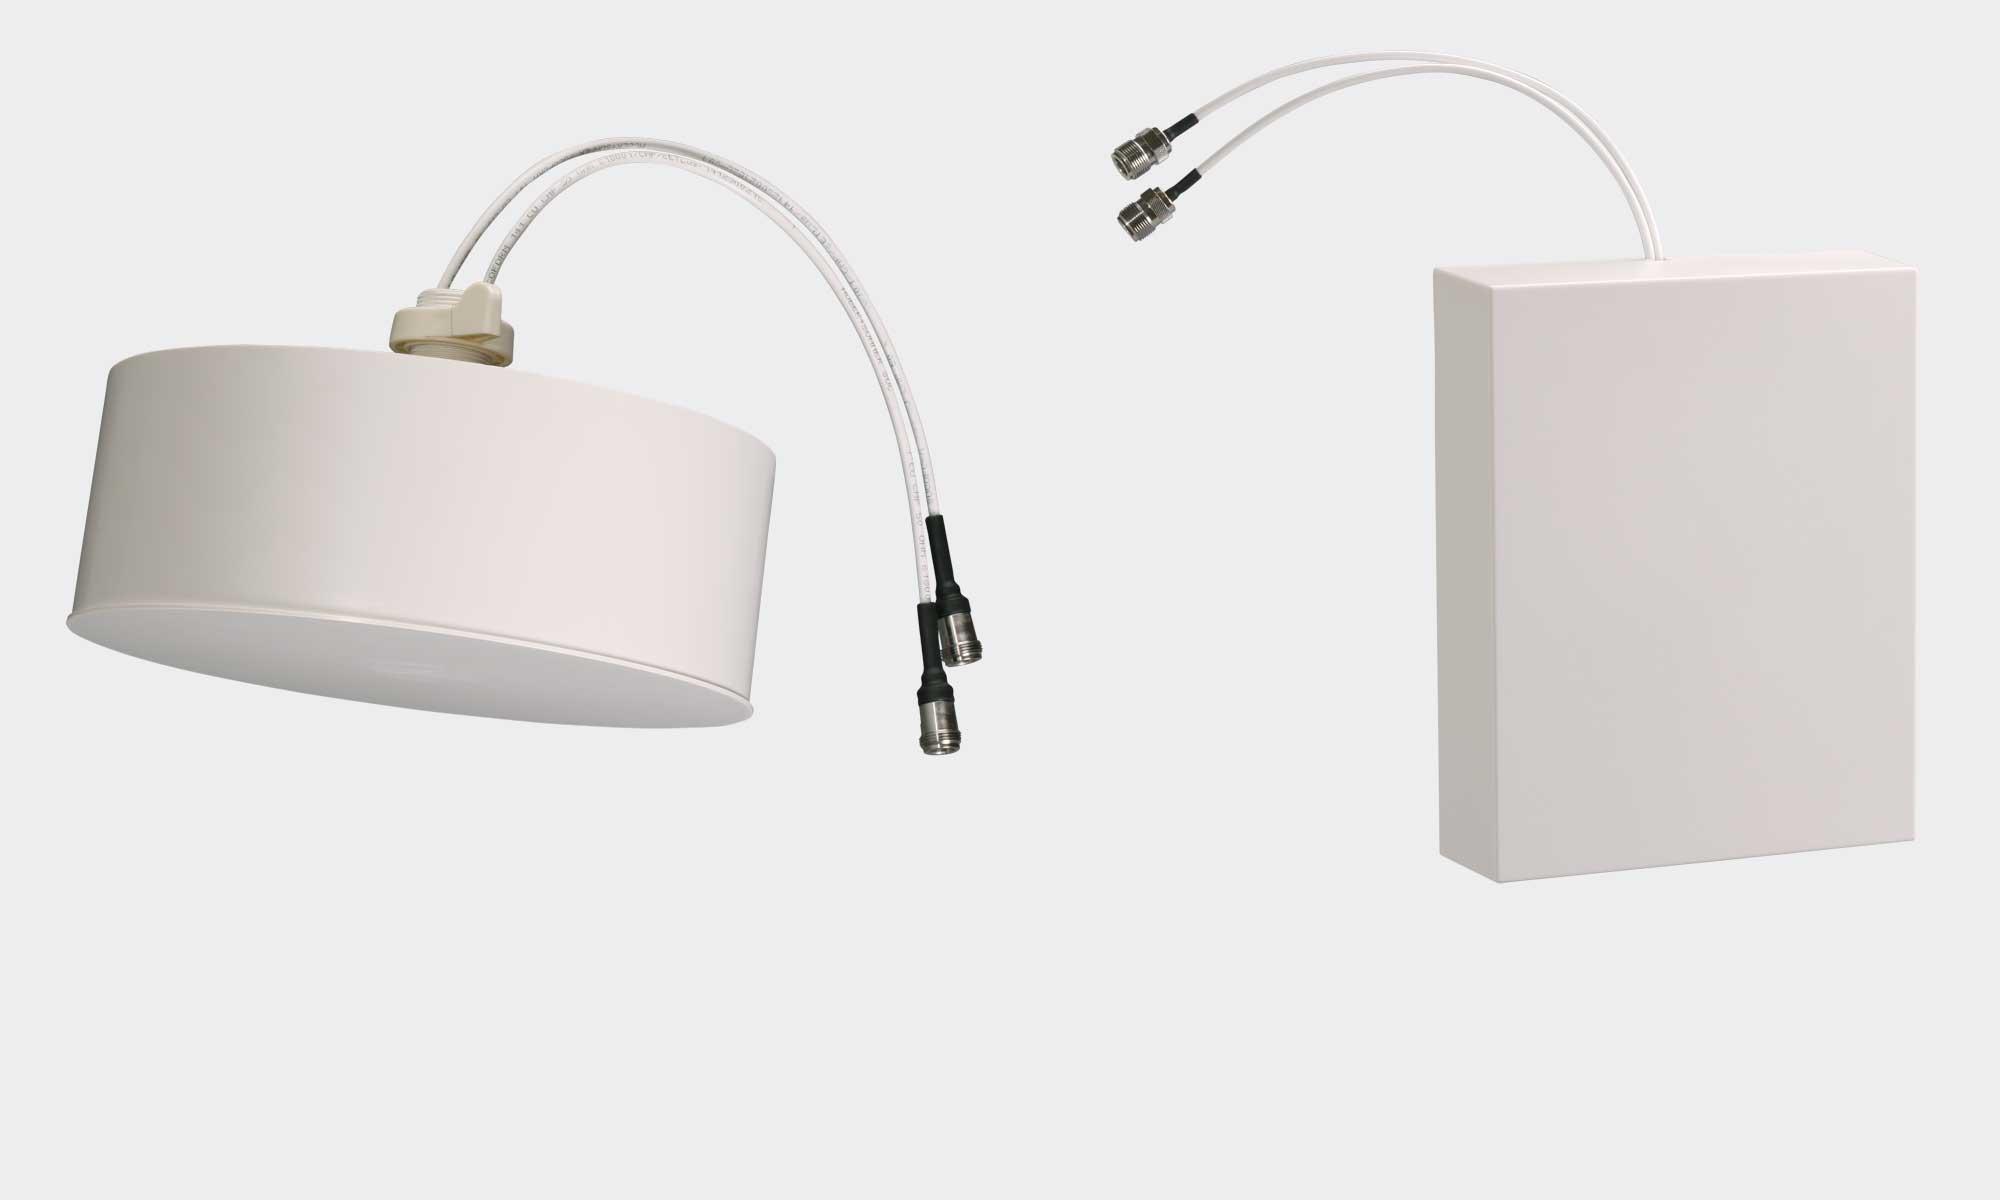 New revolutionary SENCITY antennas for IBC and DAS applications